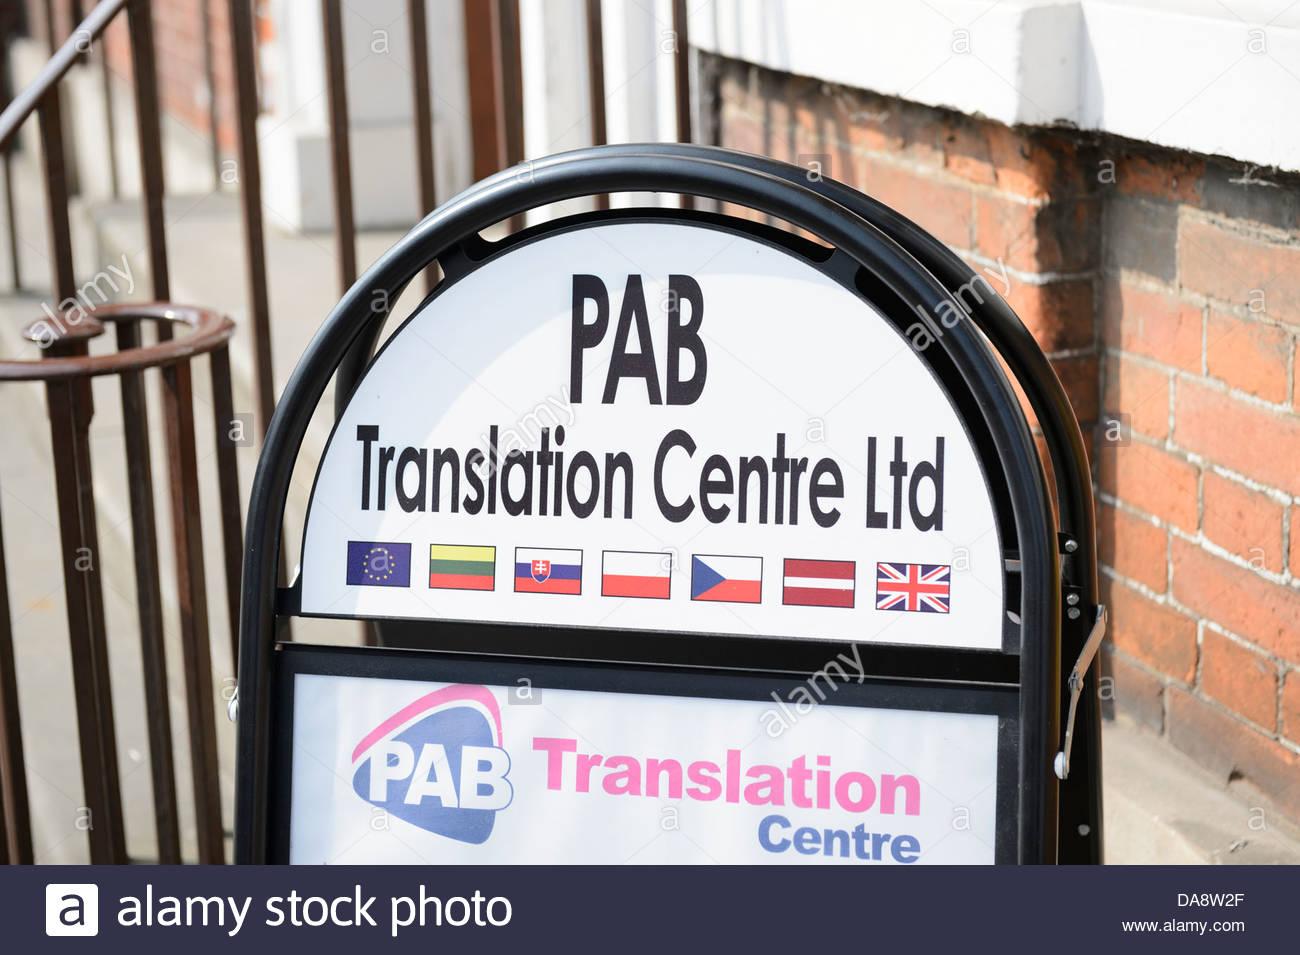 PAB Translation Centre sign. Boston, England, UK, 2013. - Stock Image